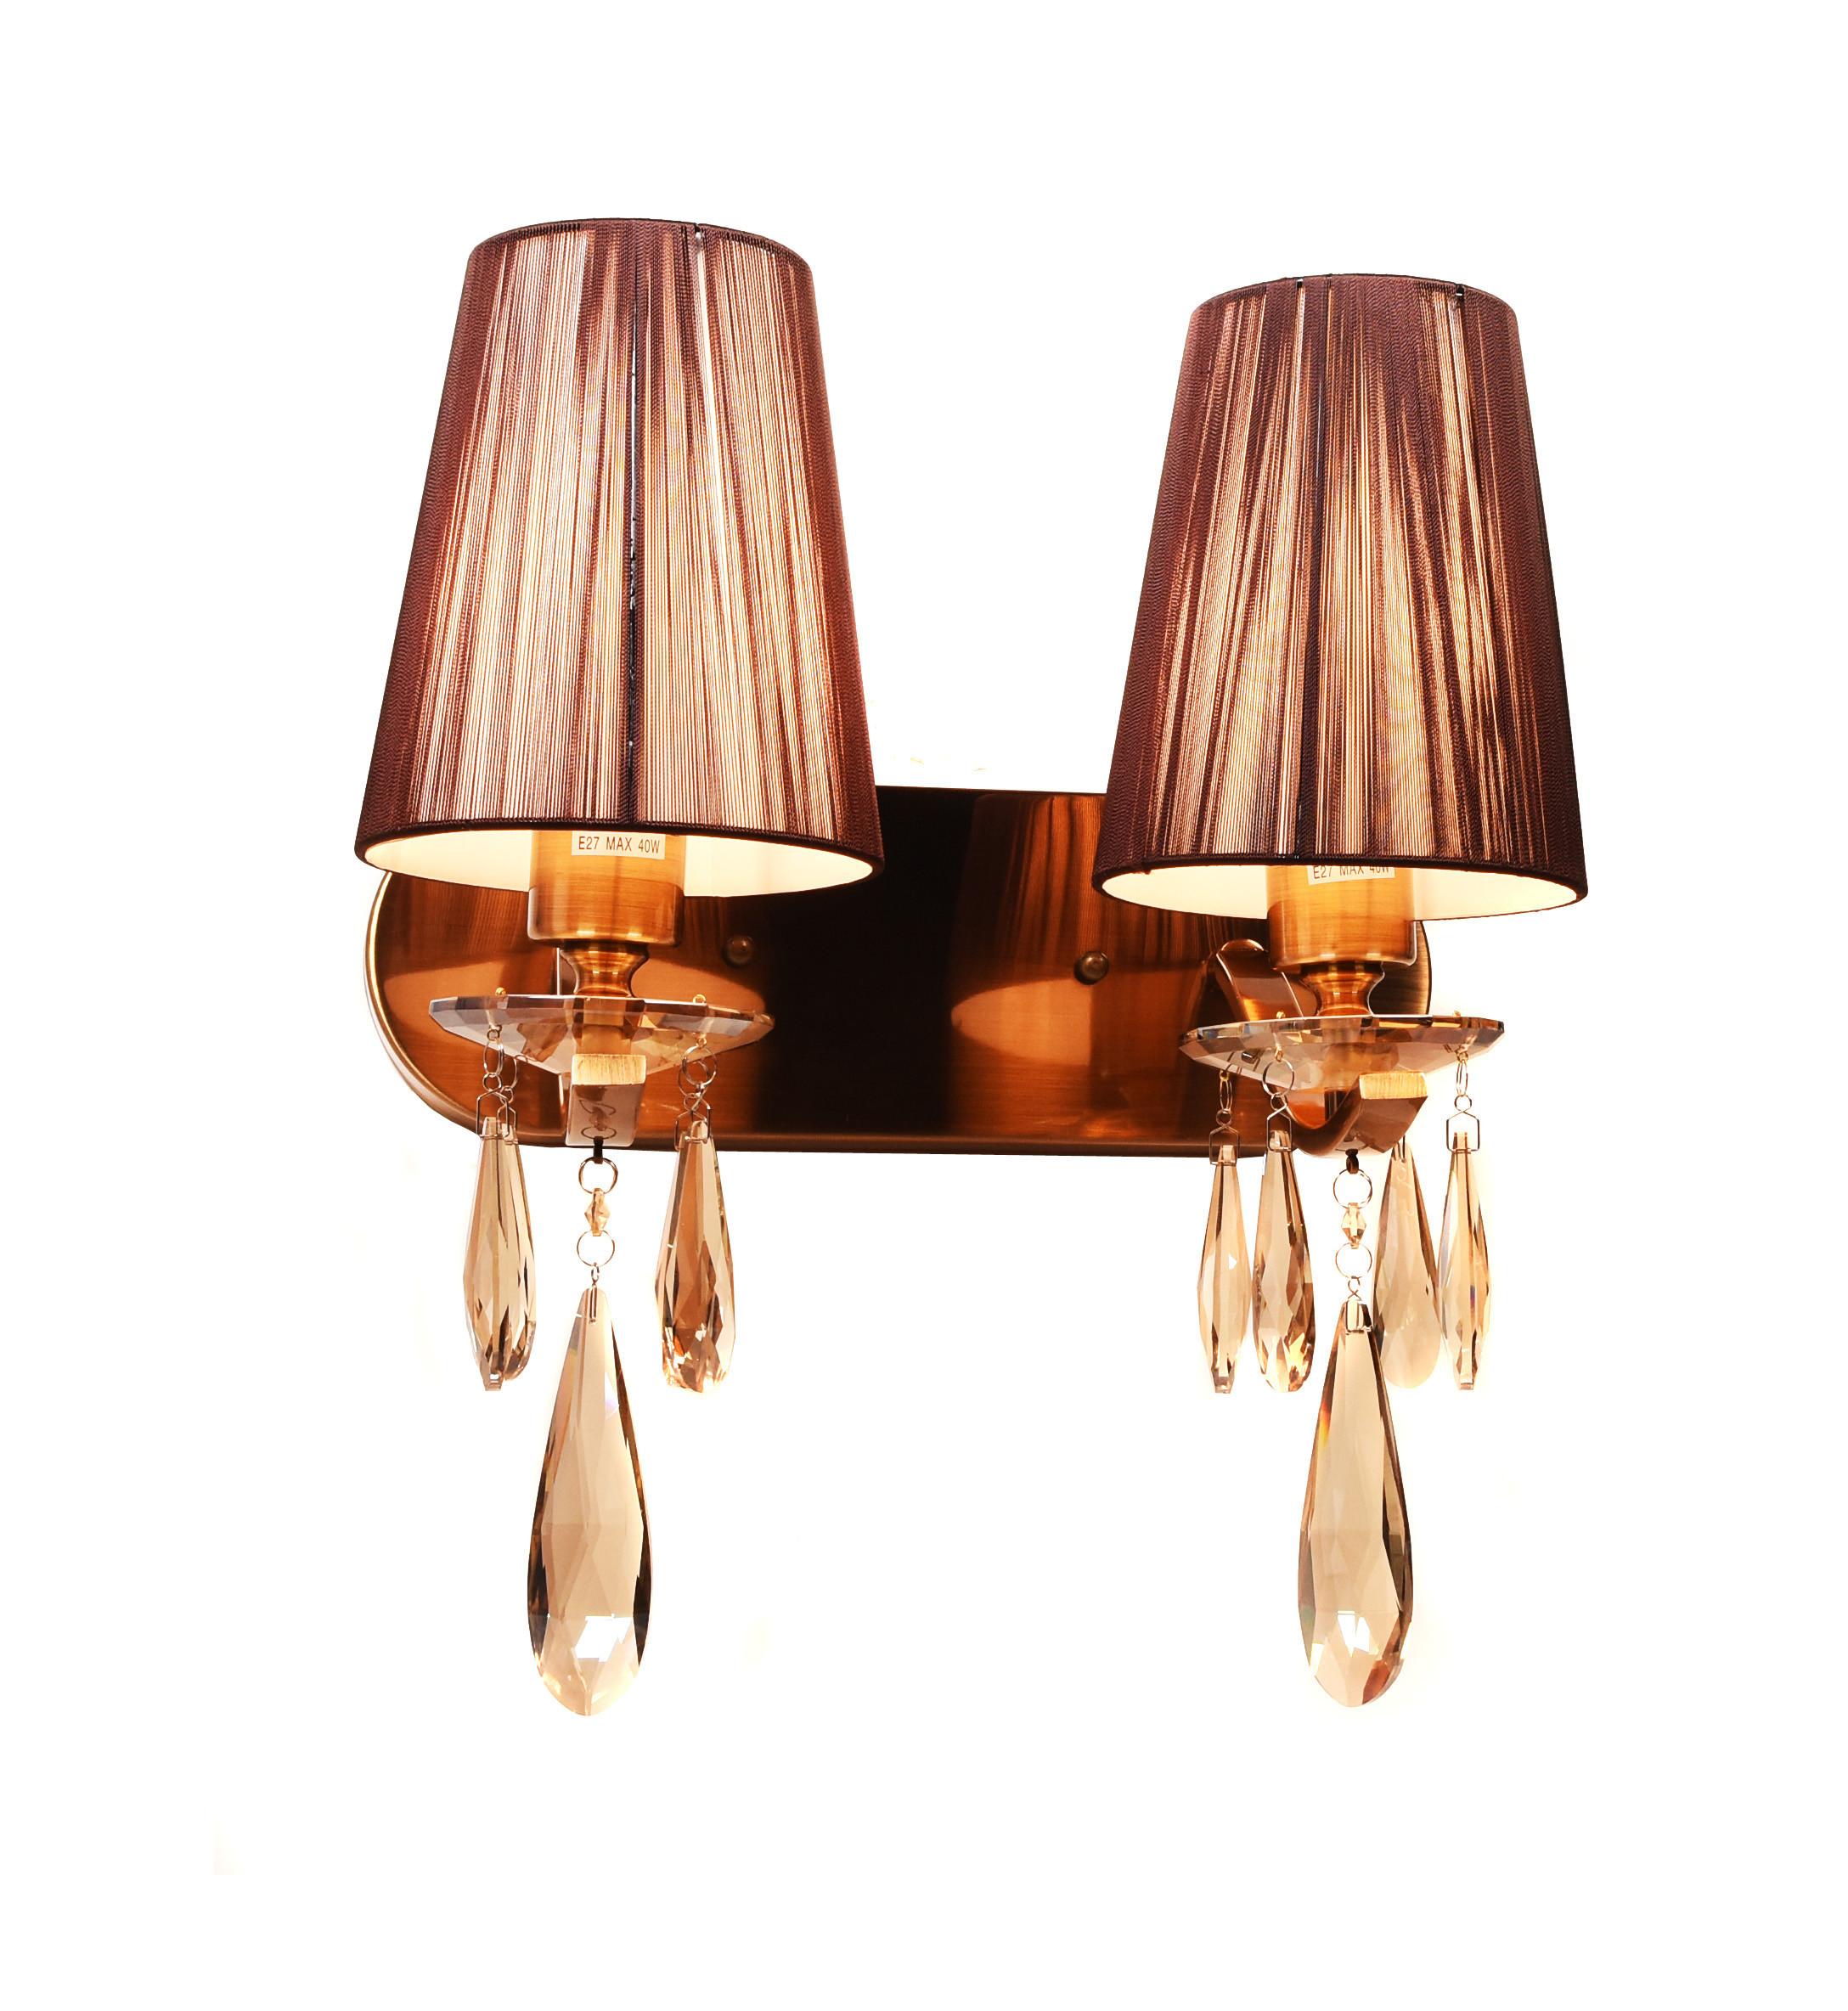 Настенный светильник Lumina Deco Alessia LDW 1726-2W MD, 2xE27x40W, бронза, коричневый, янтарь, металл со стеклом, текстиль, хрусталь - фото 2